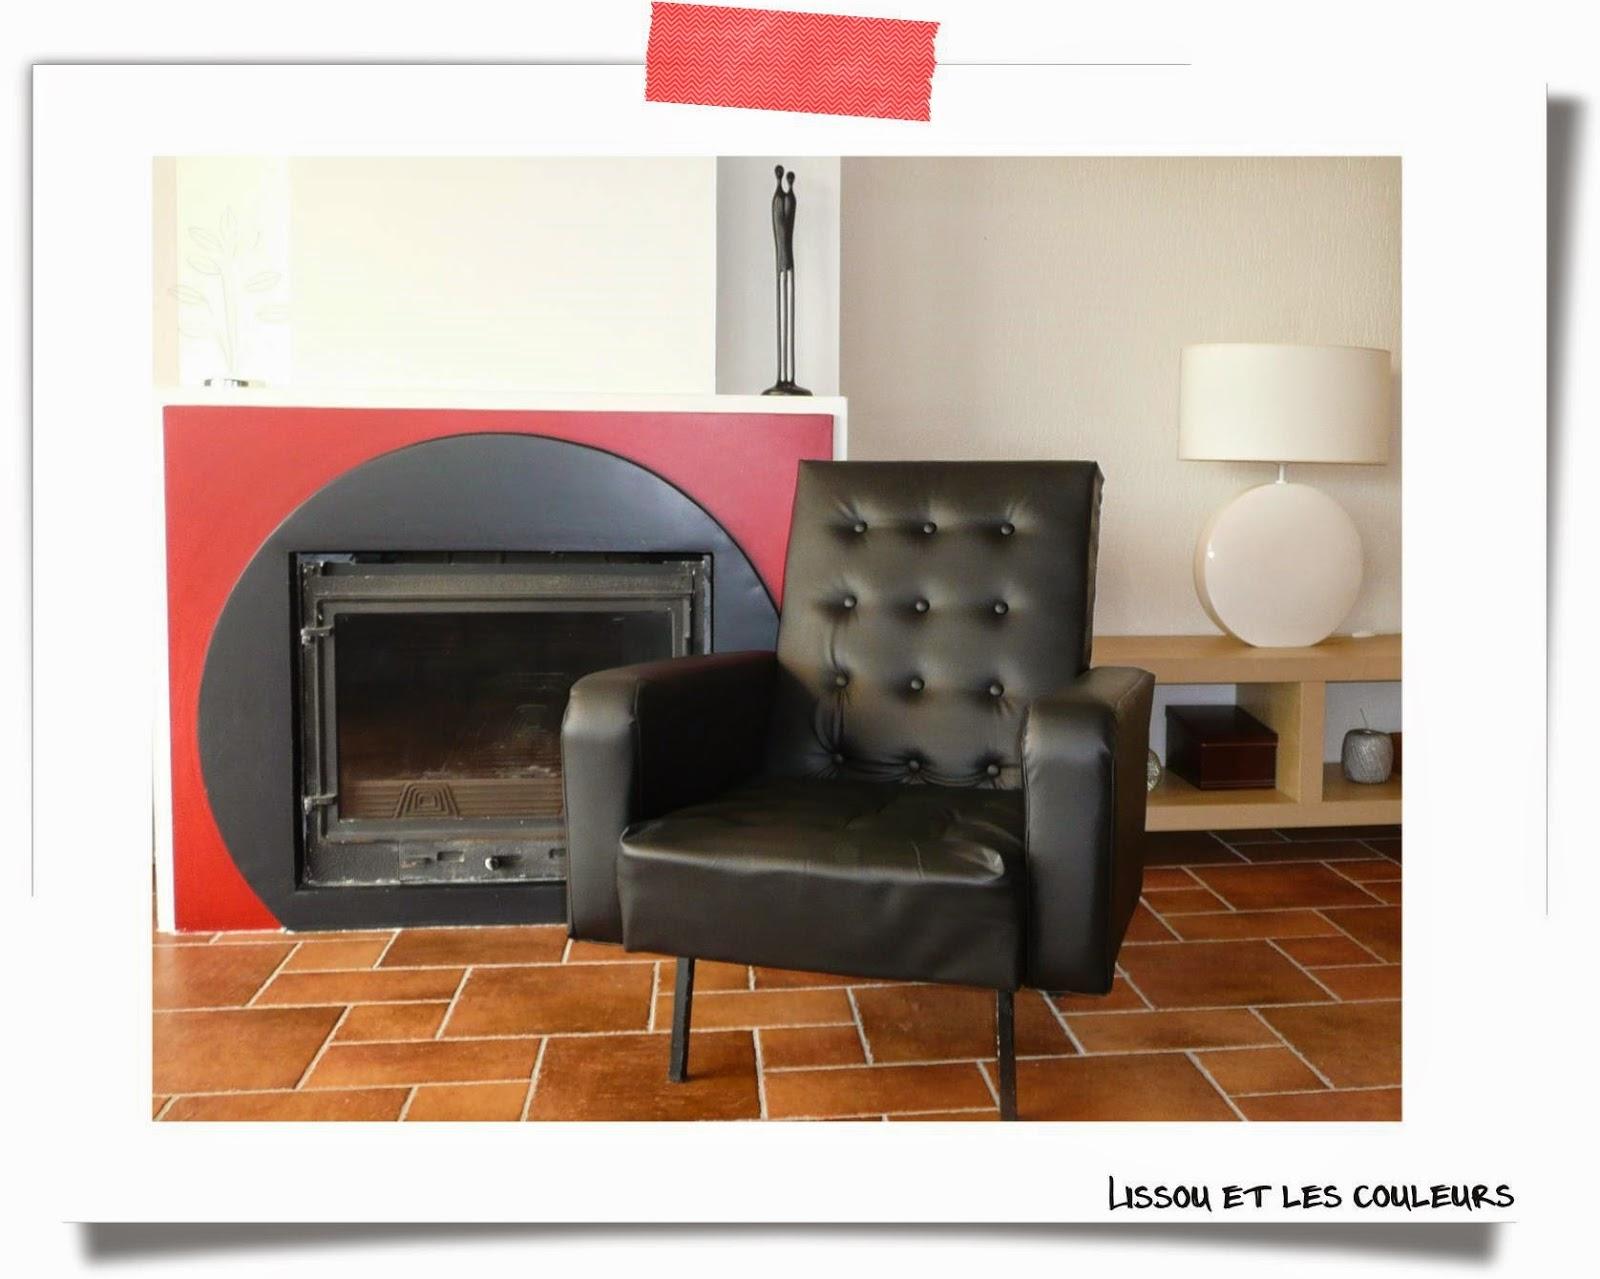 lissou et les couleurs diy r novation d 39 un fauteuil r tro. Black Bedroom Furniture Sets. Home Design Ideas